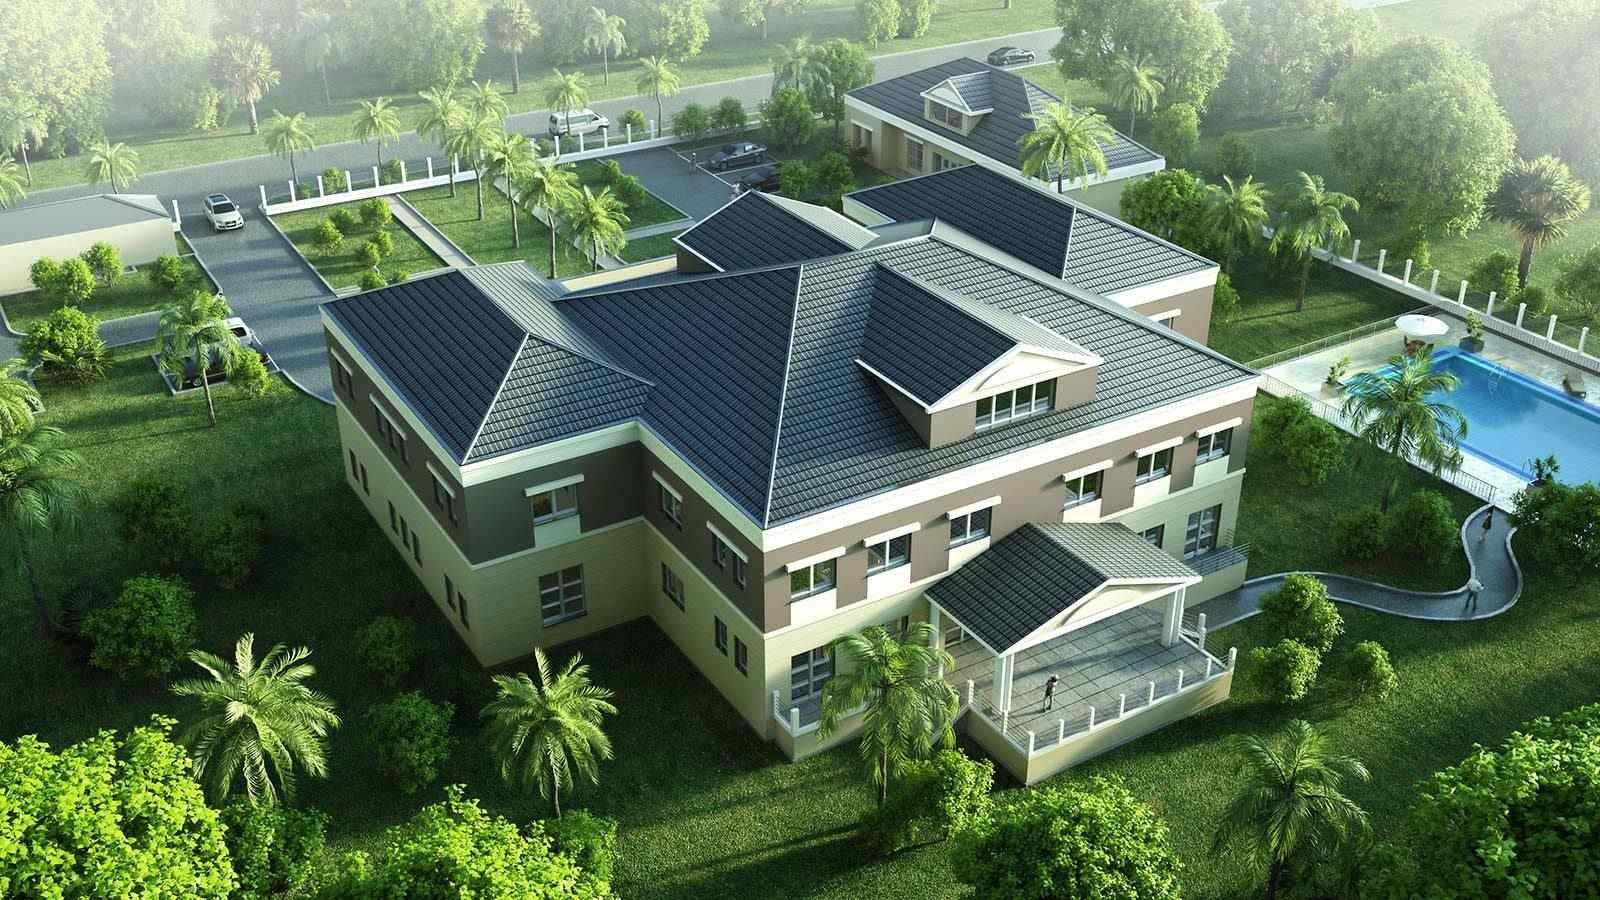 Villa Gartenseite - Architekturvisualisierung  Aussen